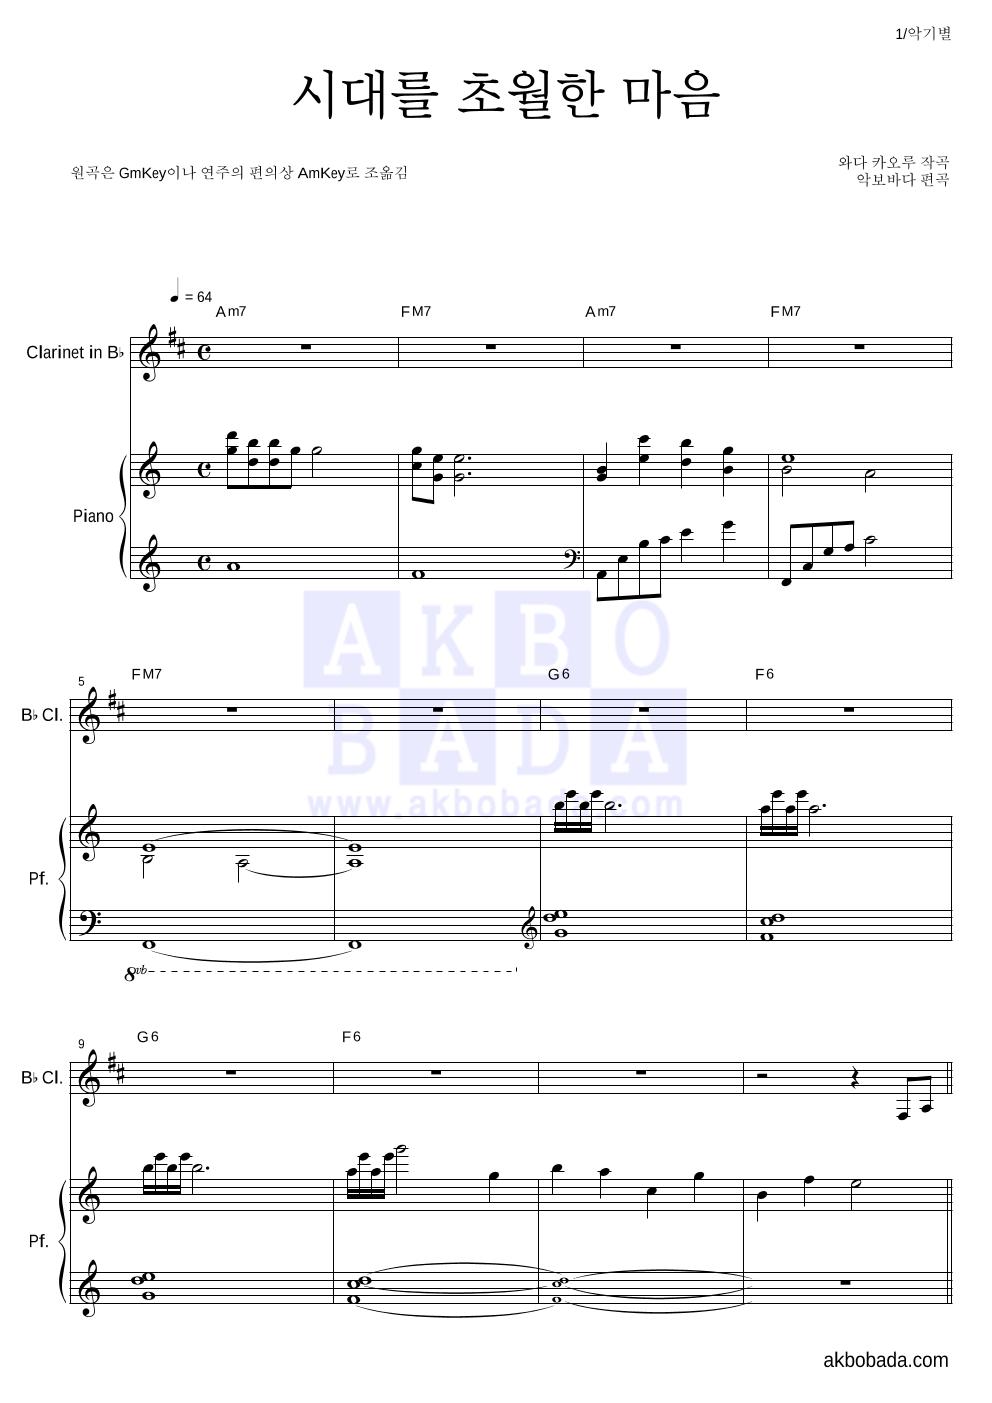 이누야사 OST - 시대를 초월한 마음 클라리넷&피아노 악보